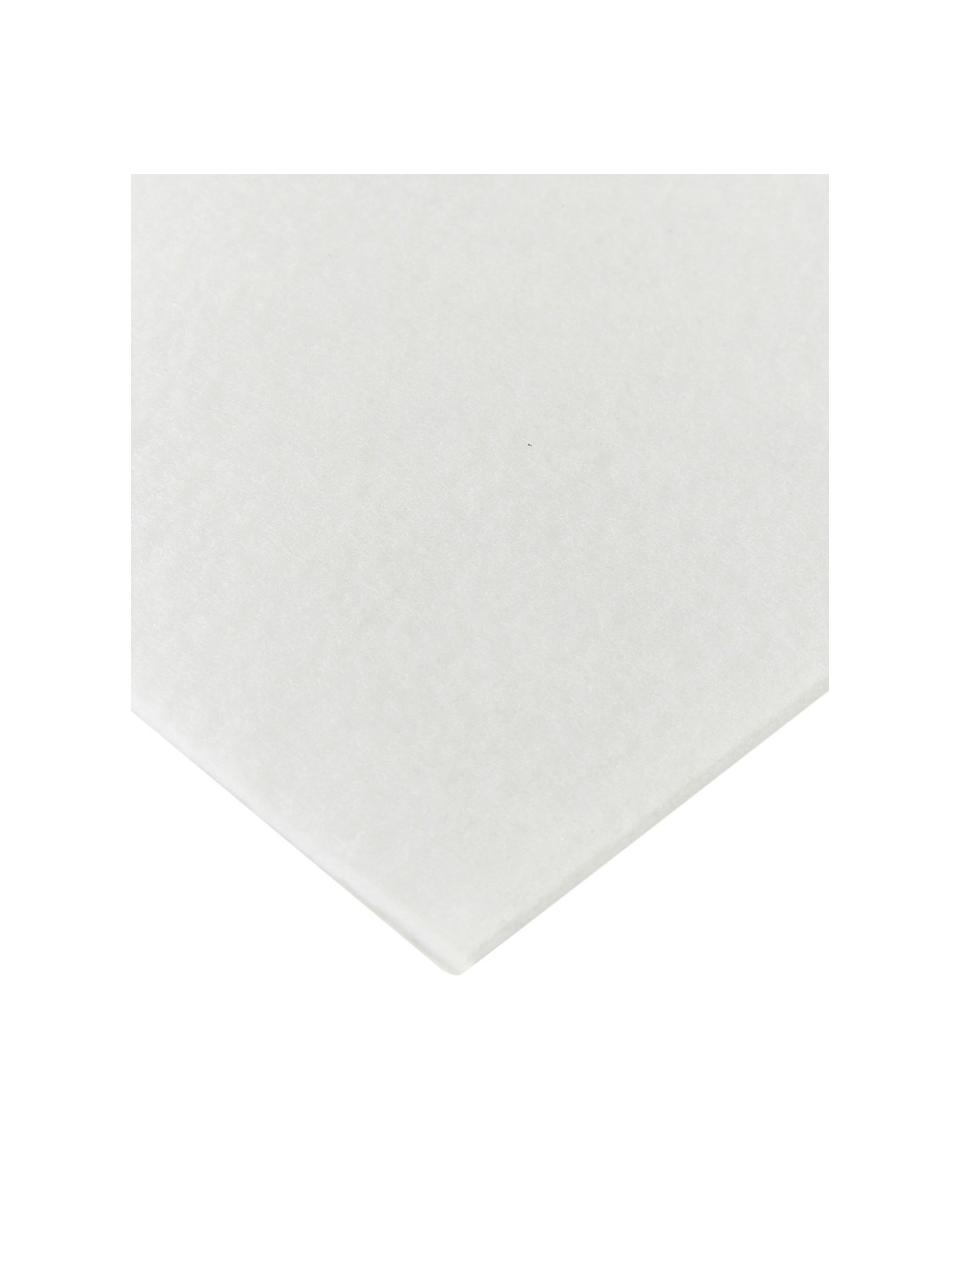 Sottotappeto in pile di poliestere My Slip Stop, Vello di poliestere con rivestimento antiscivolo, Crema, Larg. 180 x Lung. 270 cm